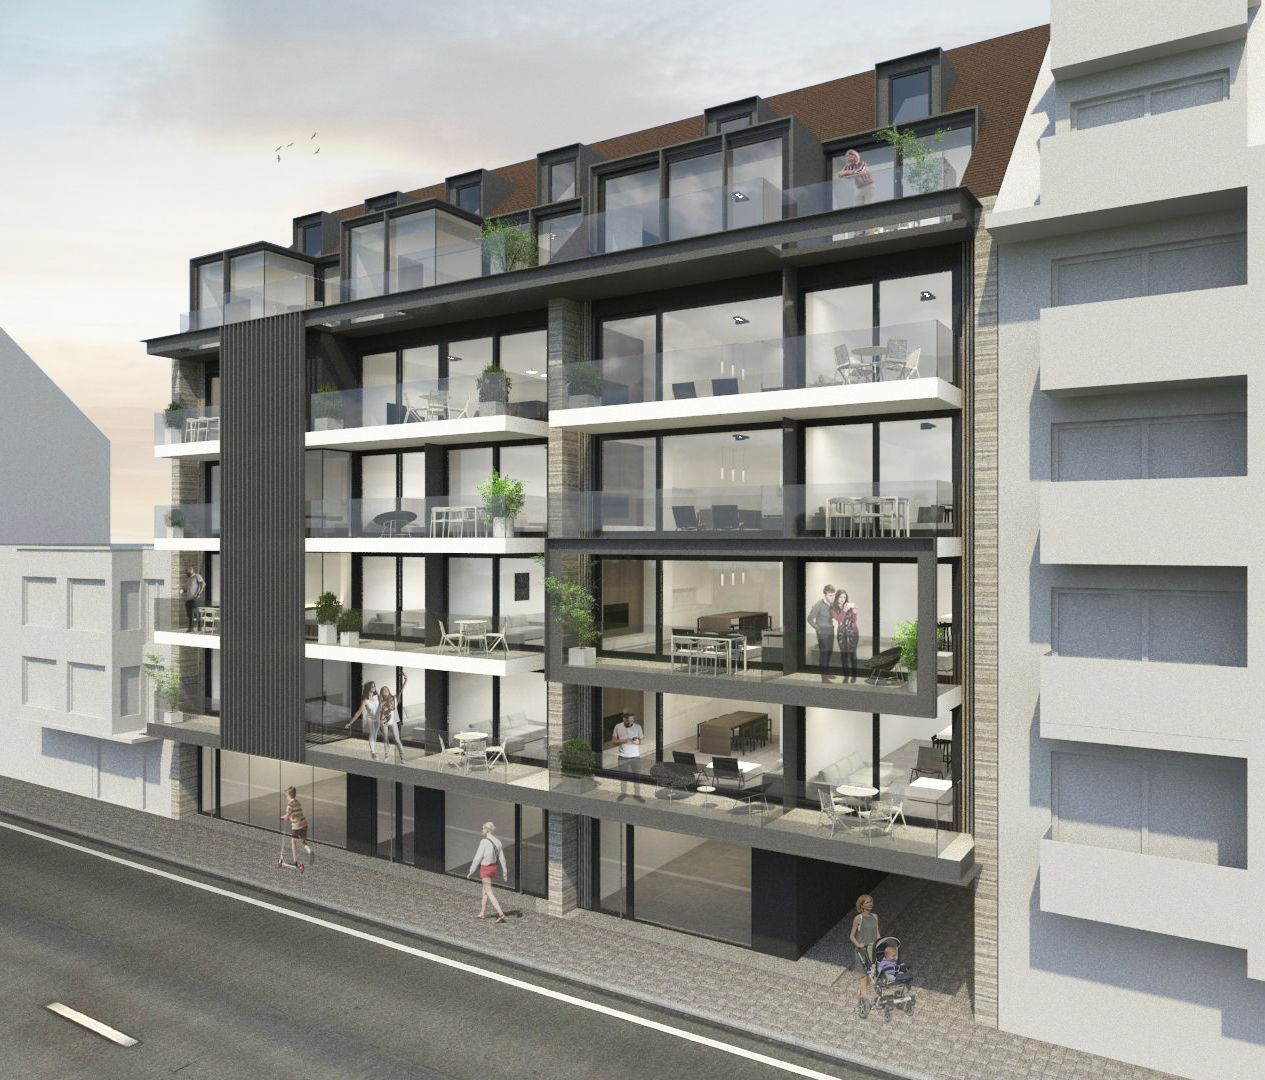 Appartement te koop Nieuwpoort met 2 slaapkamers - 8930